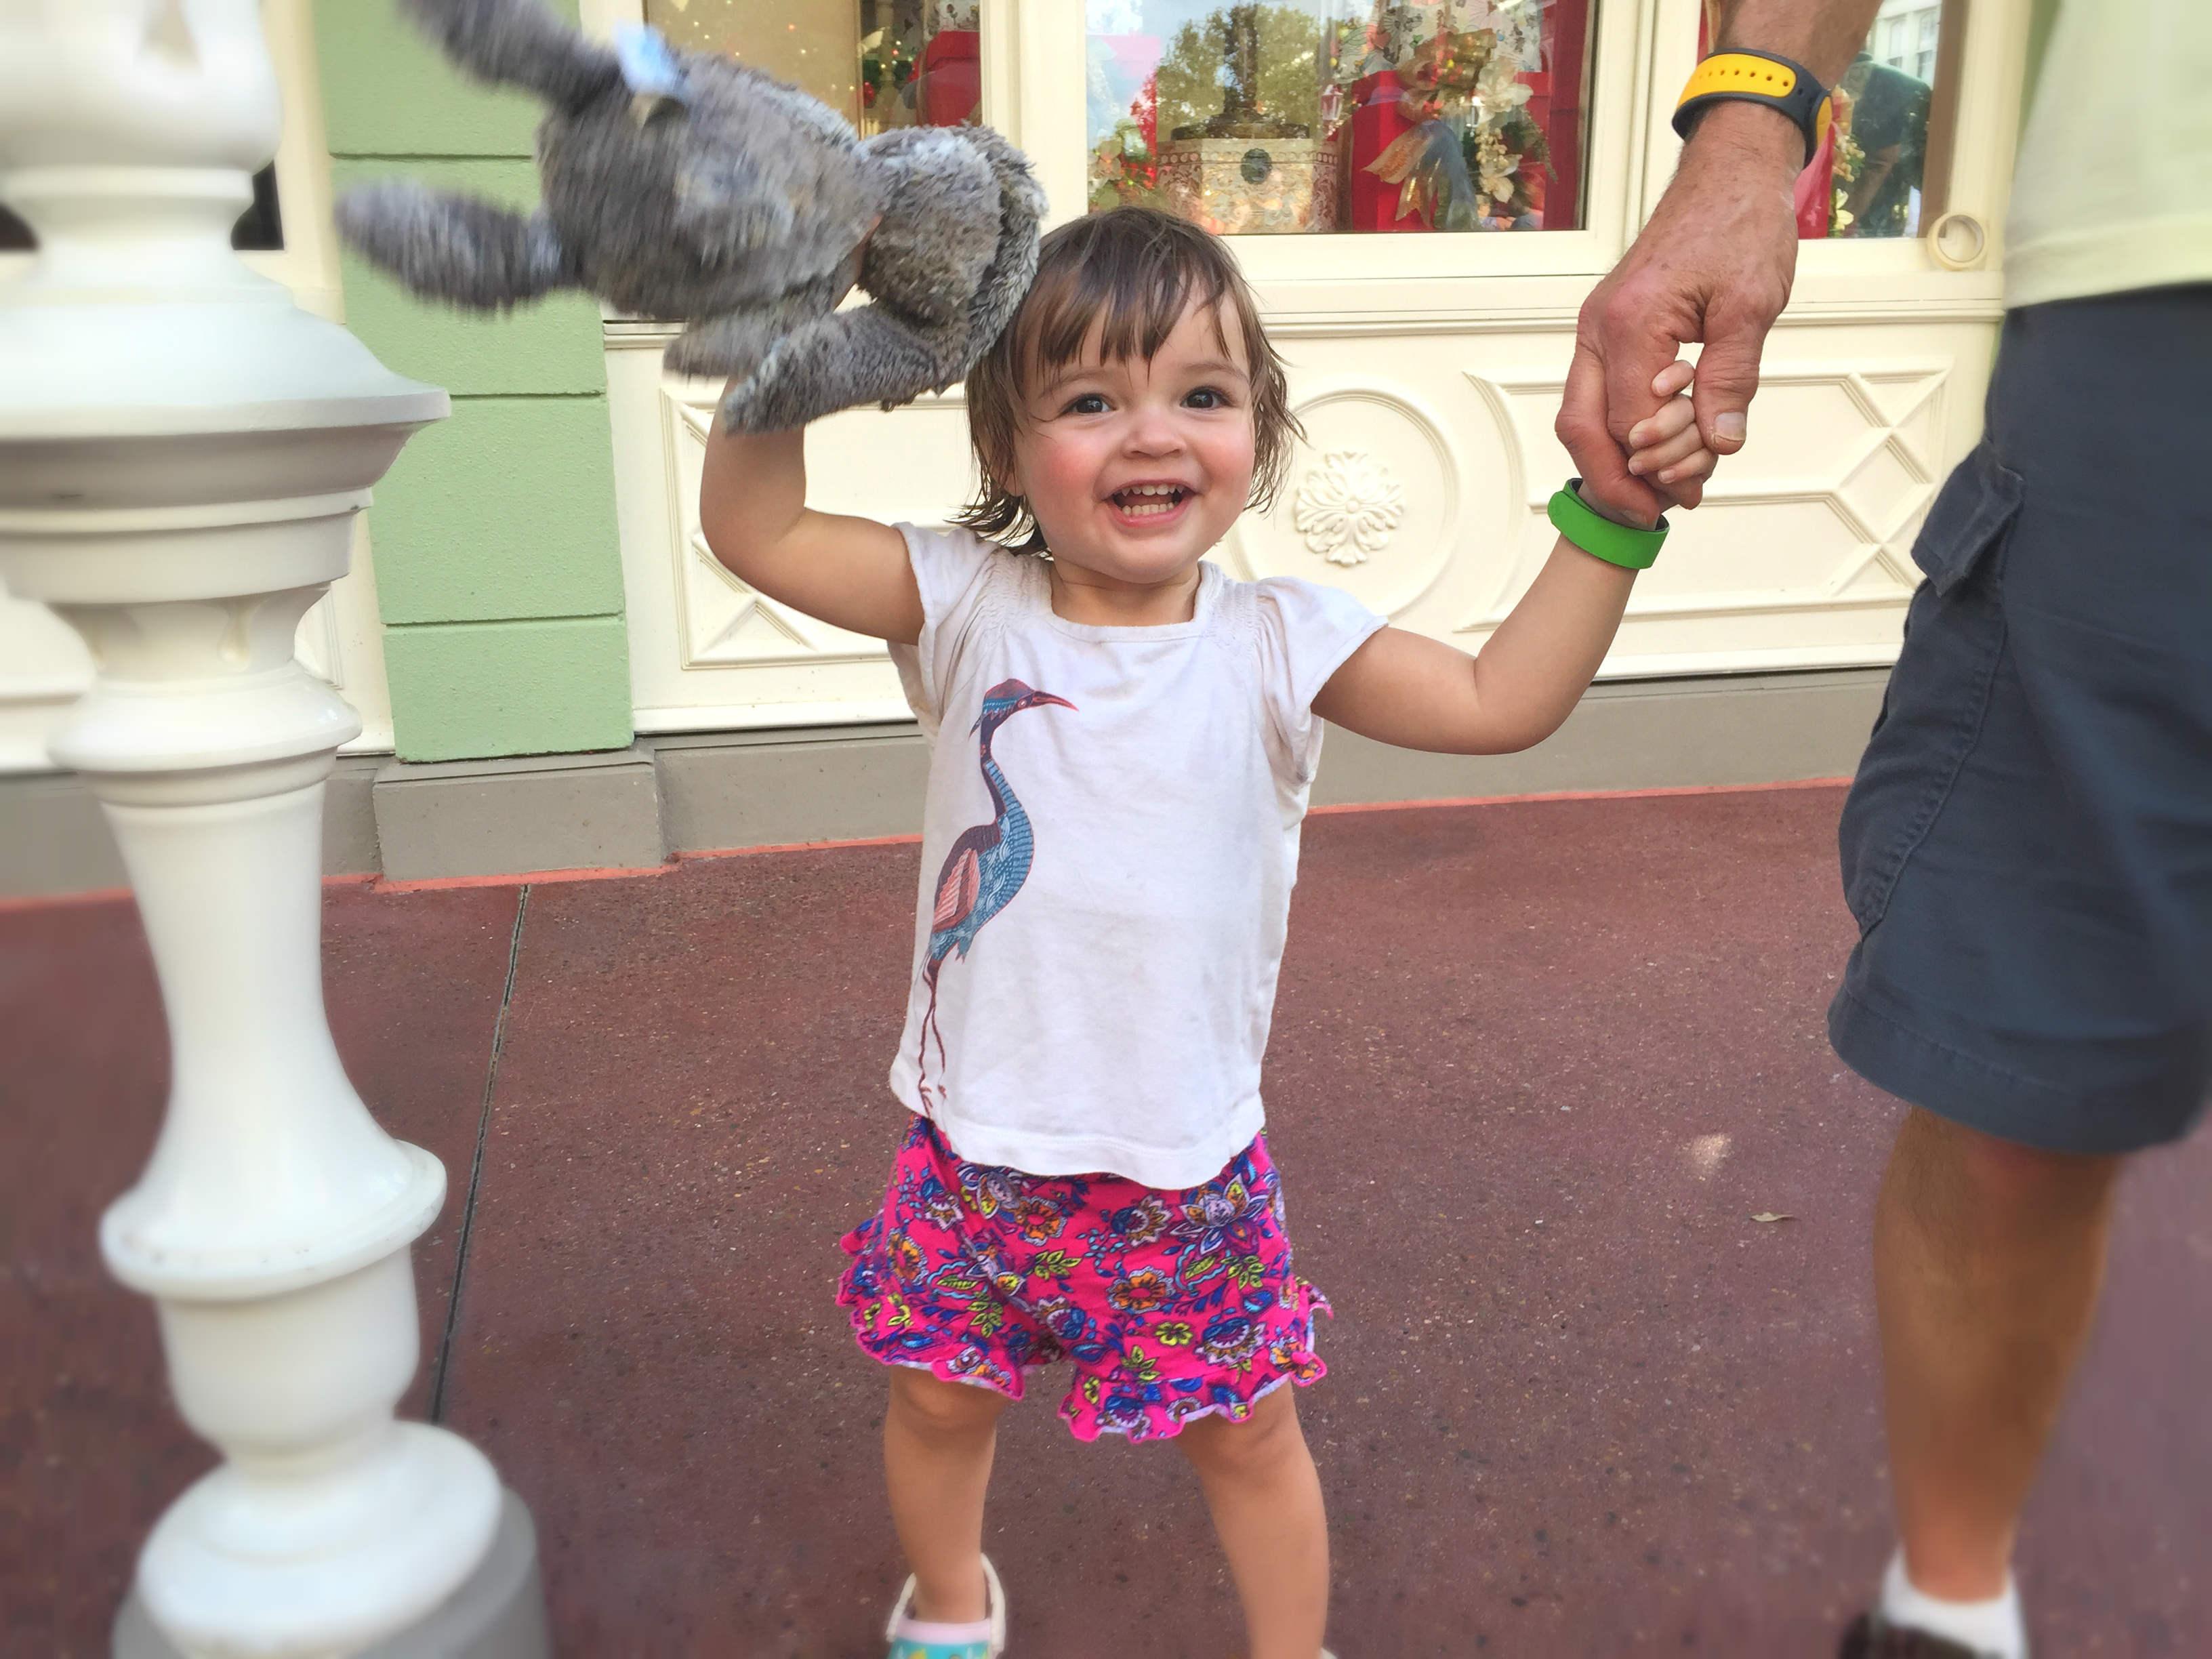 Toddler at Disney World